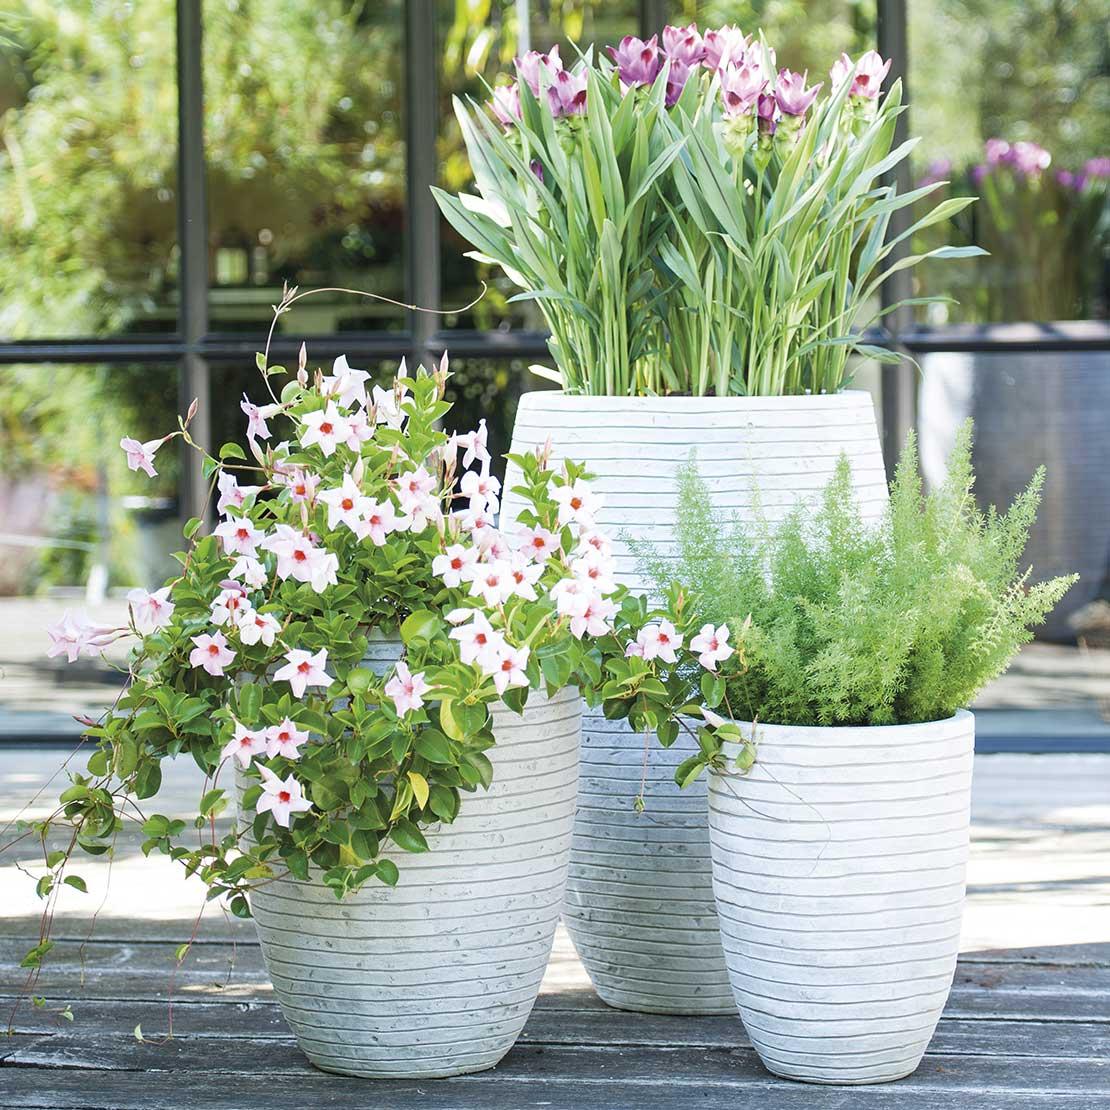 Buitenpotten met planten